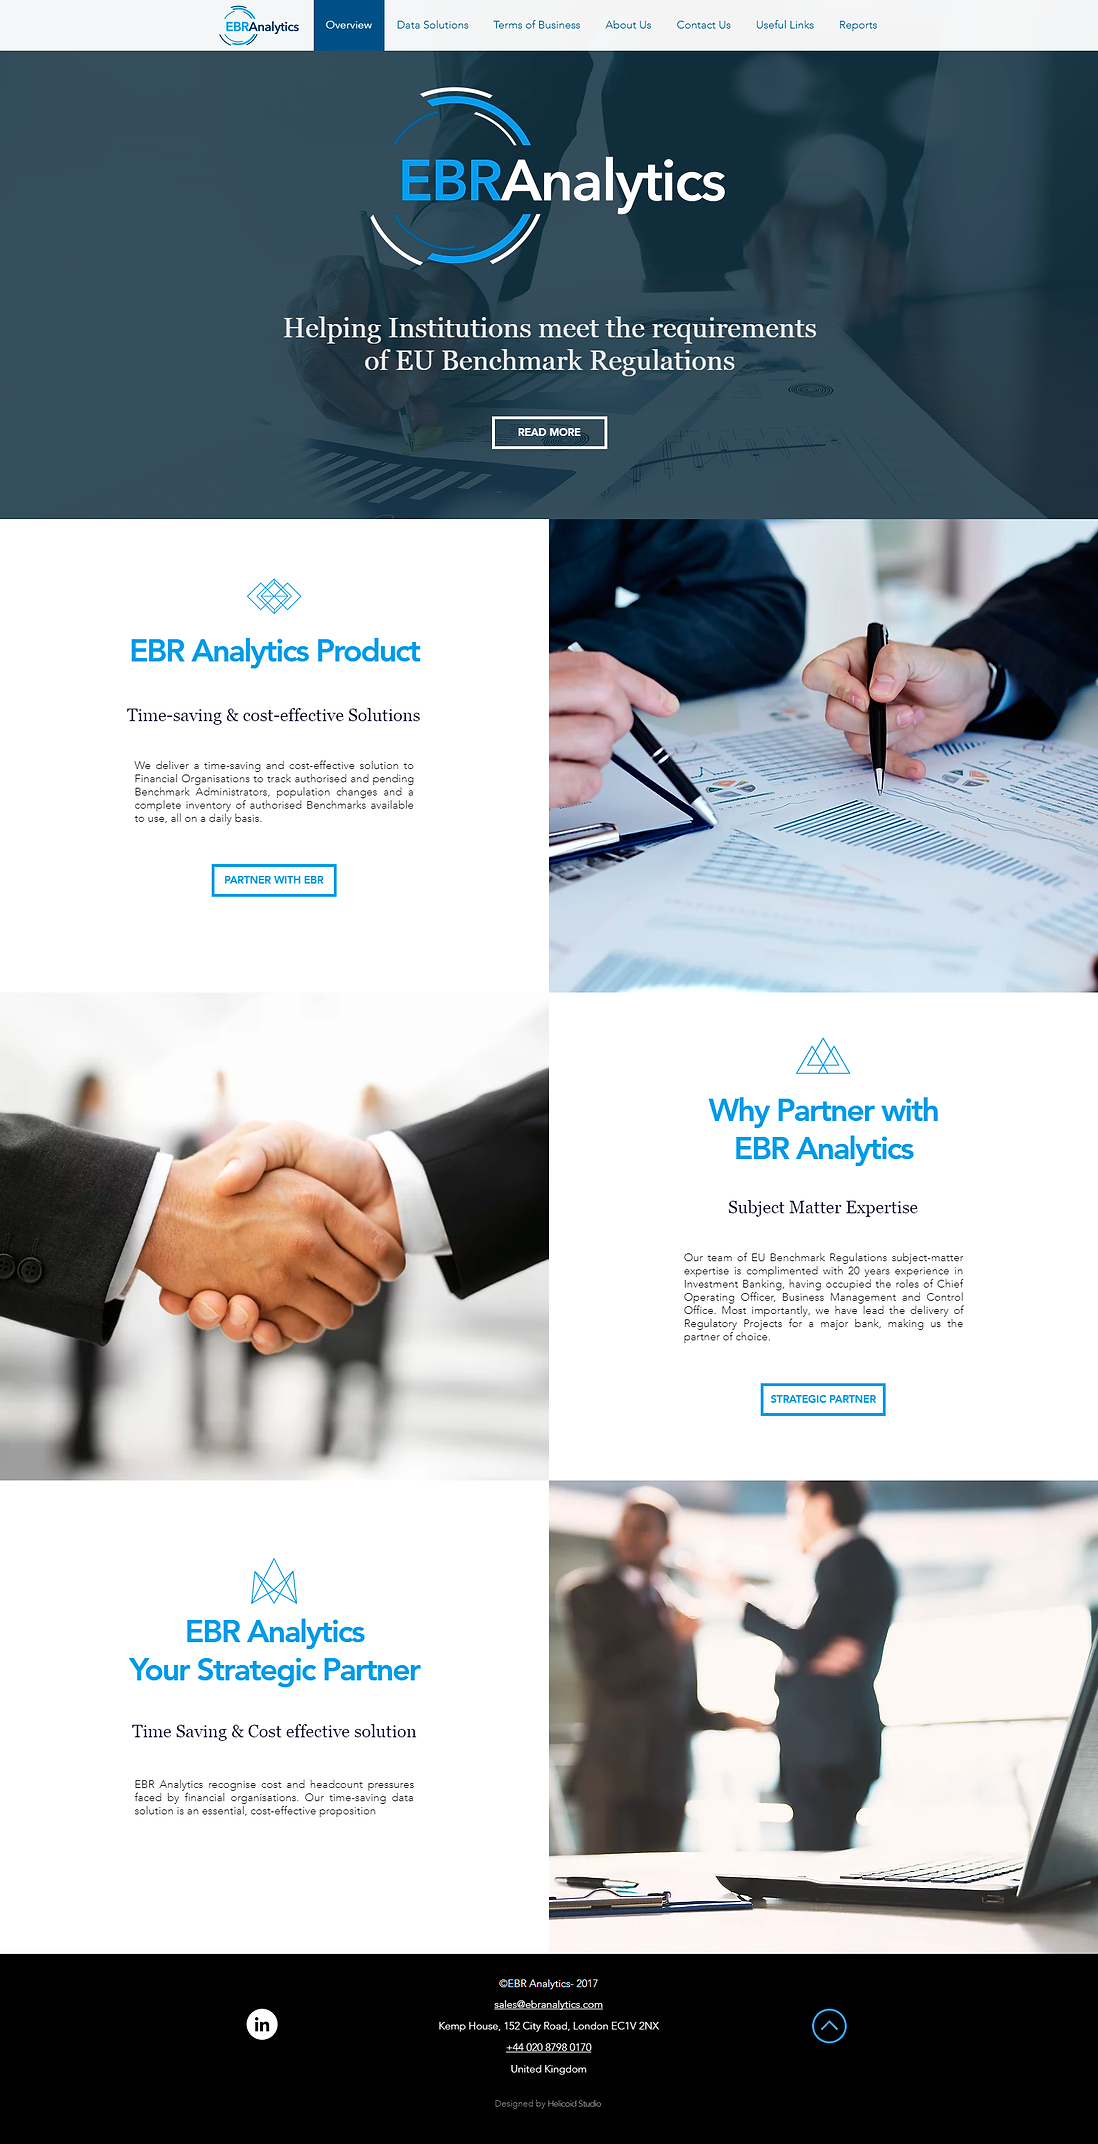 EBR Analytics Website Design